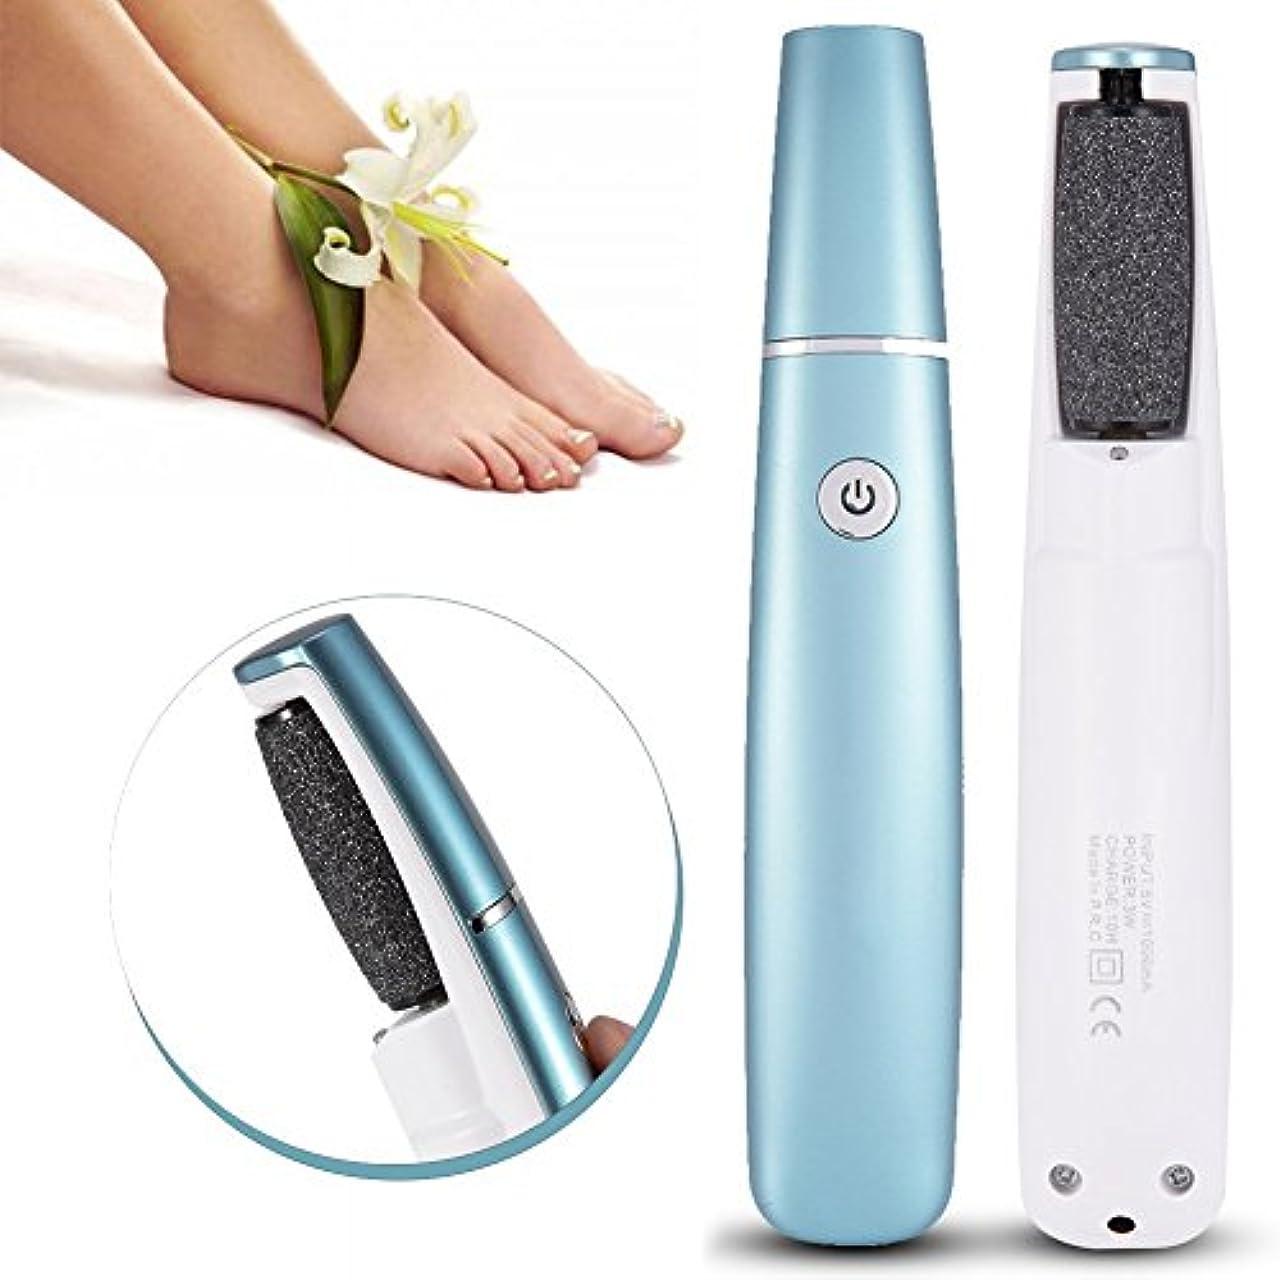 逆さまに拾う背景USB充電式電気フット角膜リムーバー、プログラインダーフットペディキュアツール、クリアドライ、デッド、ハード、ひびの入った肌